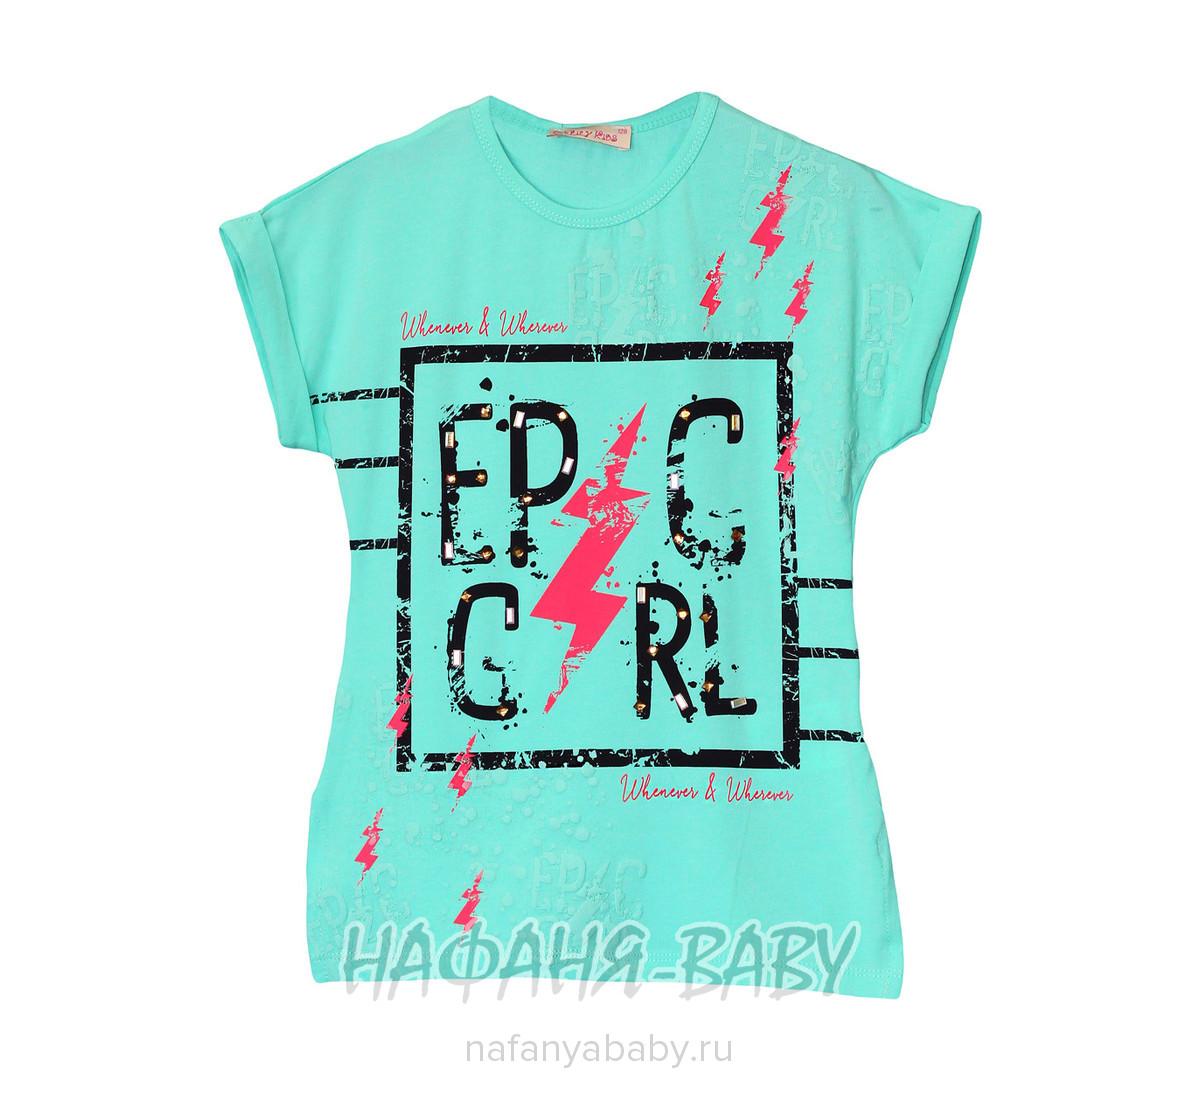 Детская футболка LILY Kids арт: 5031, 5-9 лет, 10-15 лет, цвет аквамариновый, оптом Турция